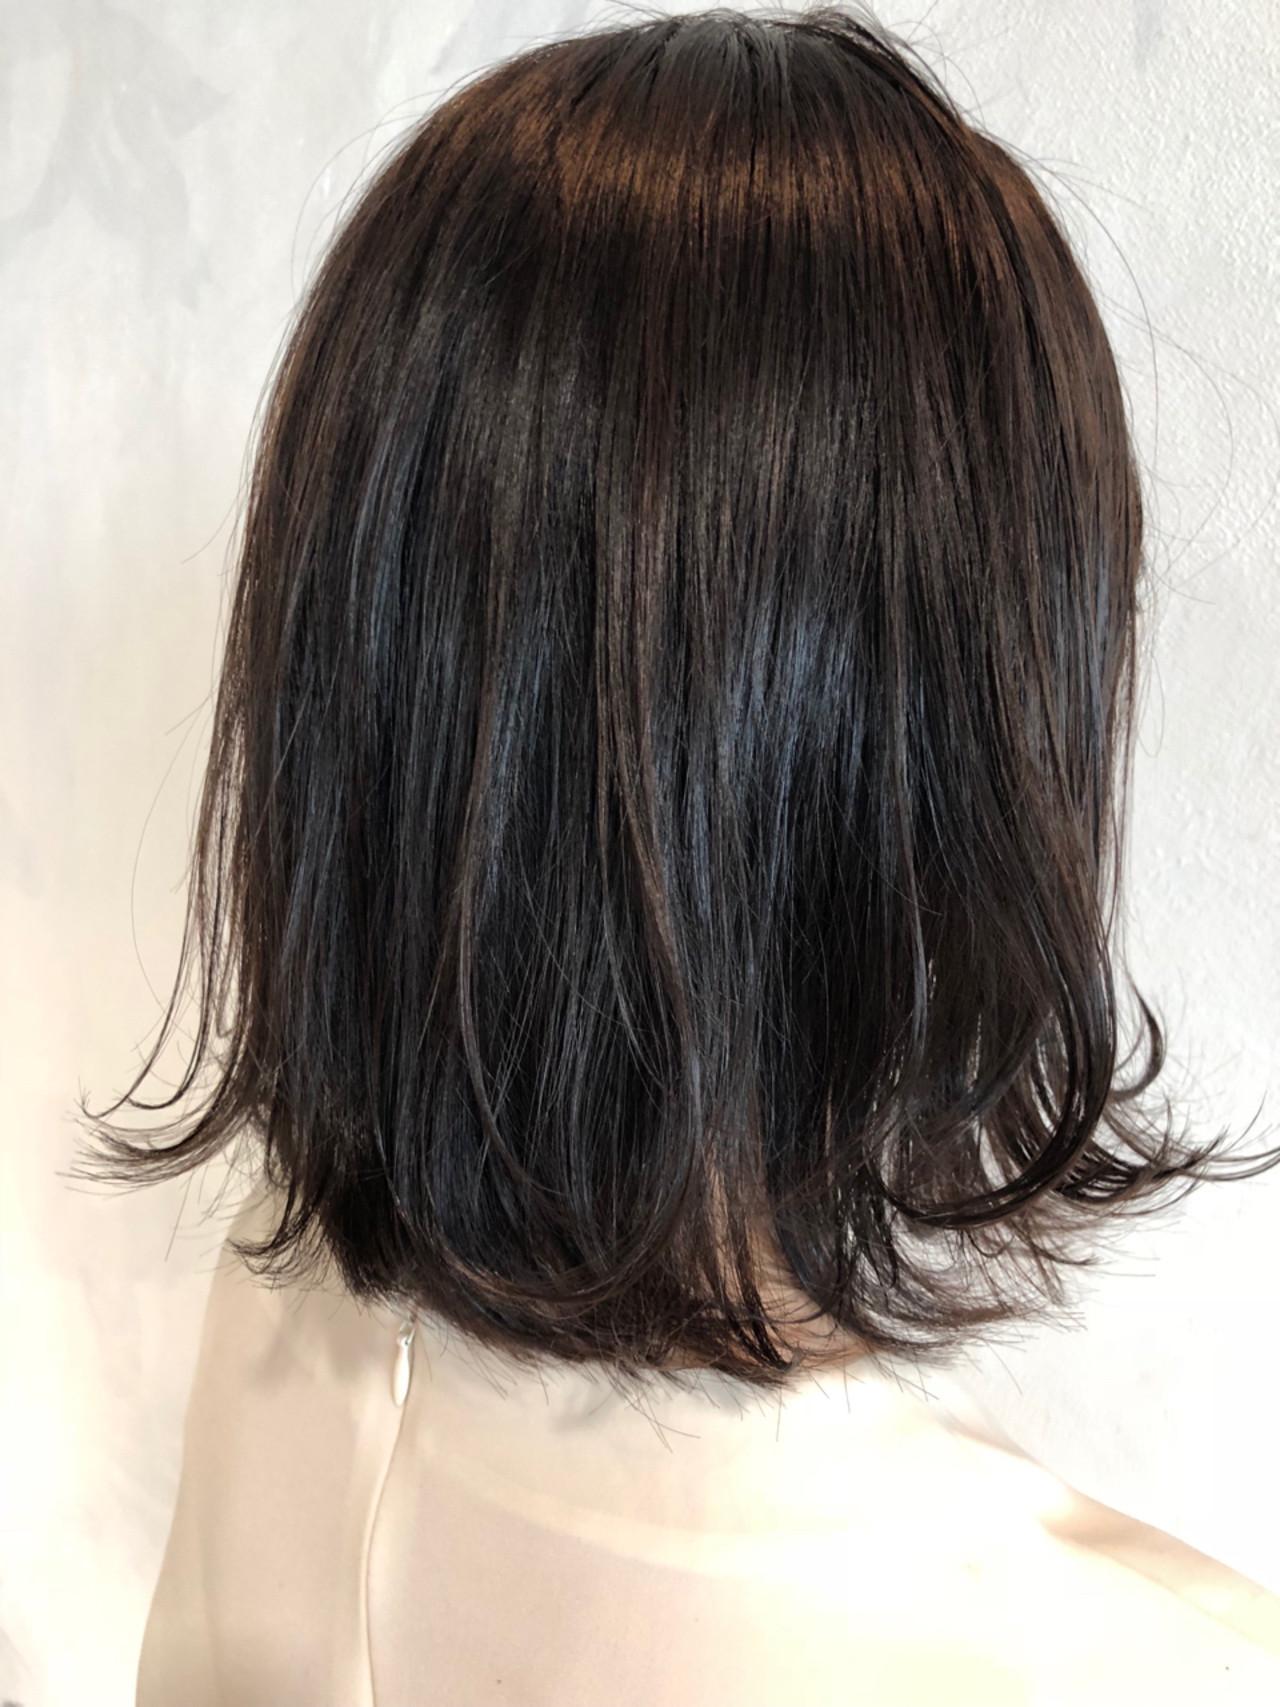 暗髪 ボブ アッシュグレージュ ナチュラル ヘアスタイルや髪型の写真・画像 | Garden Tokyo 河上 / Garden Tokyo